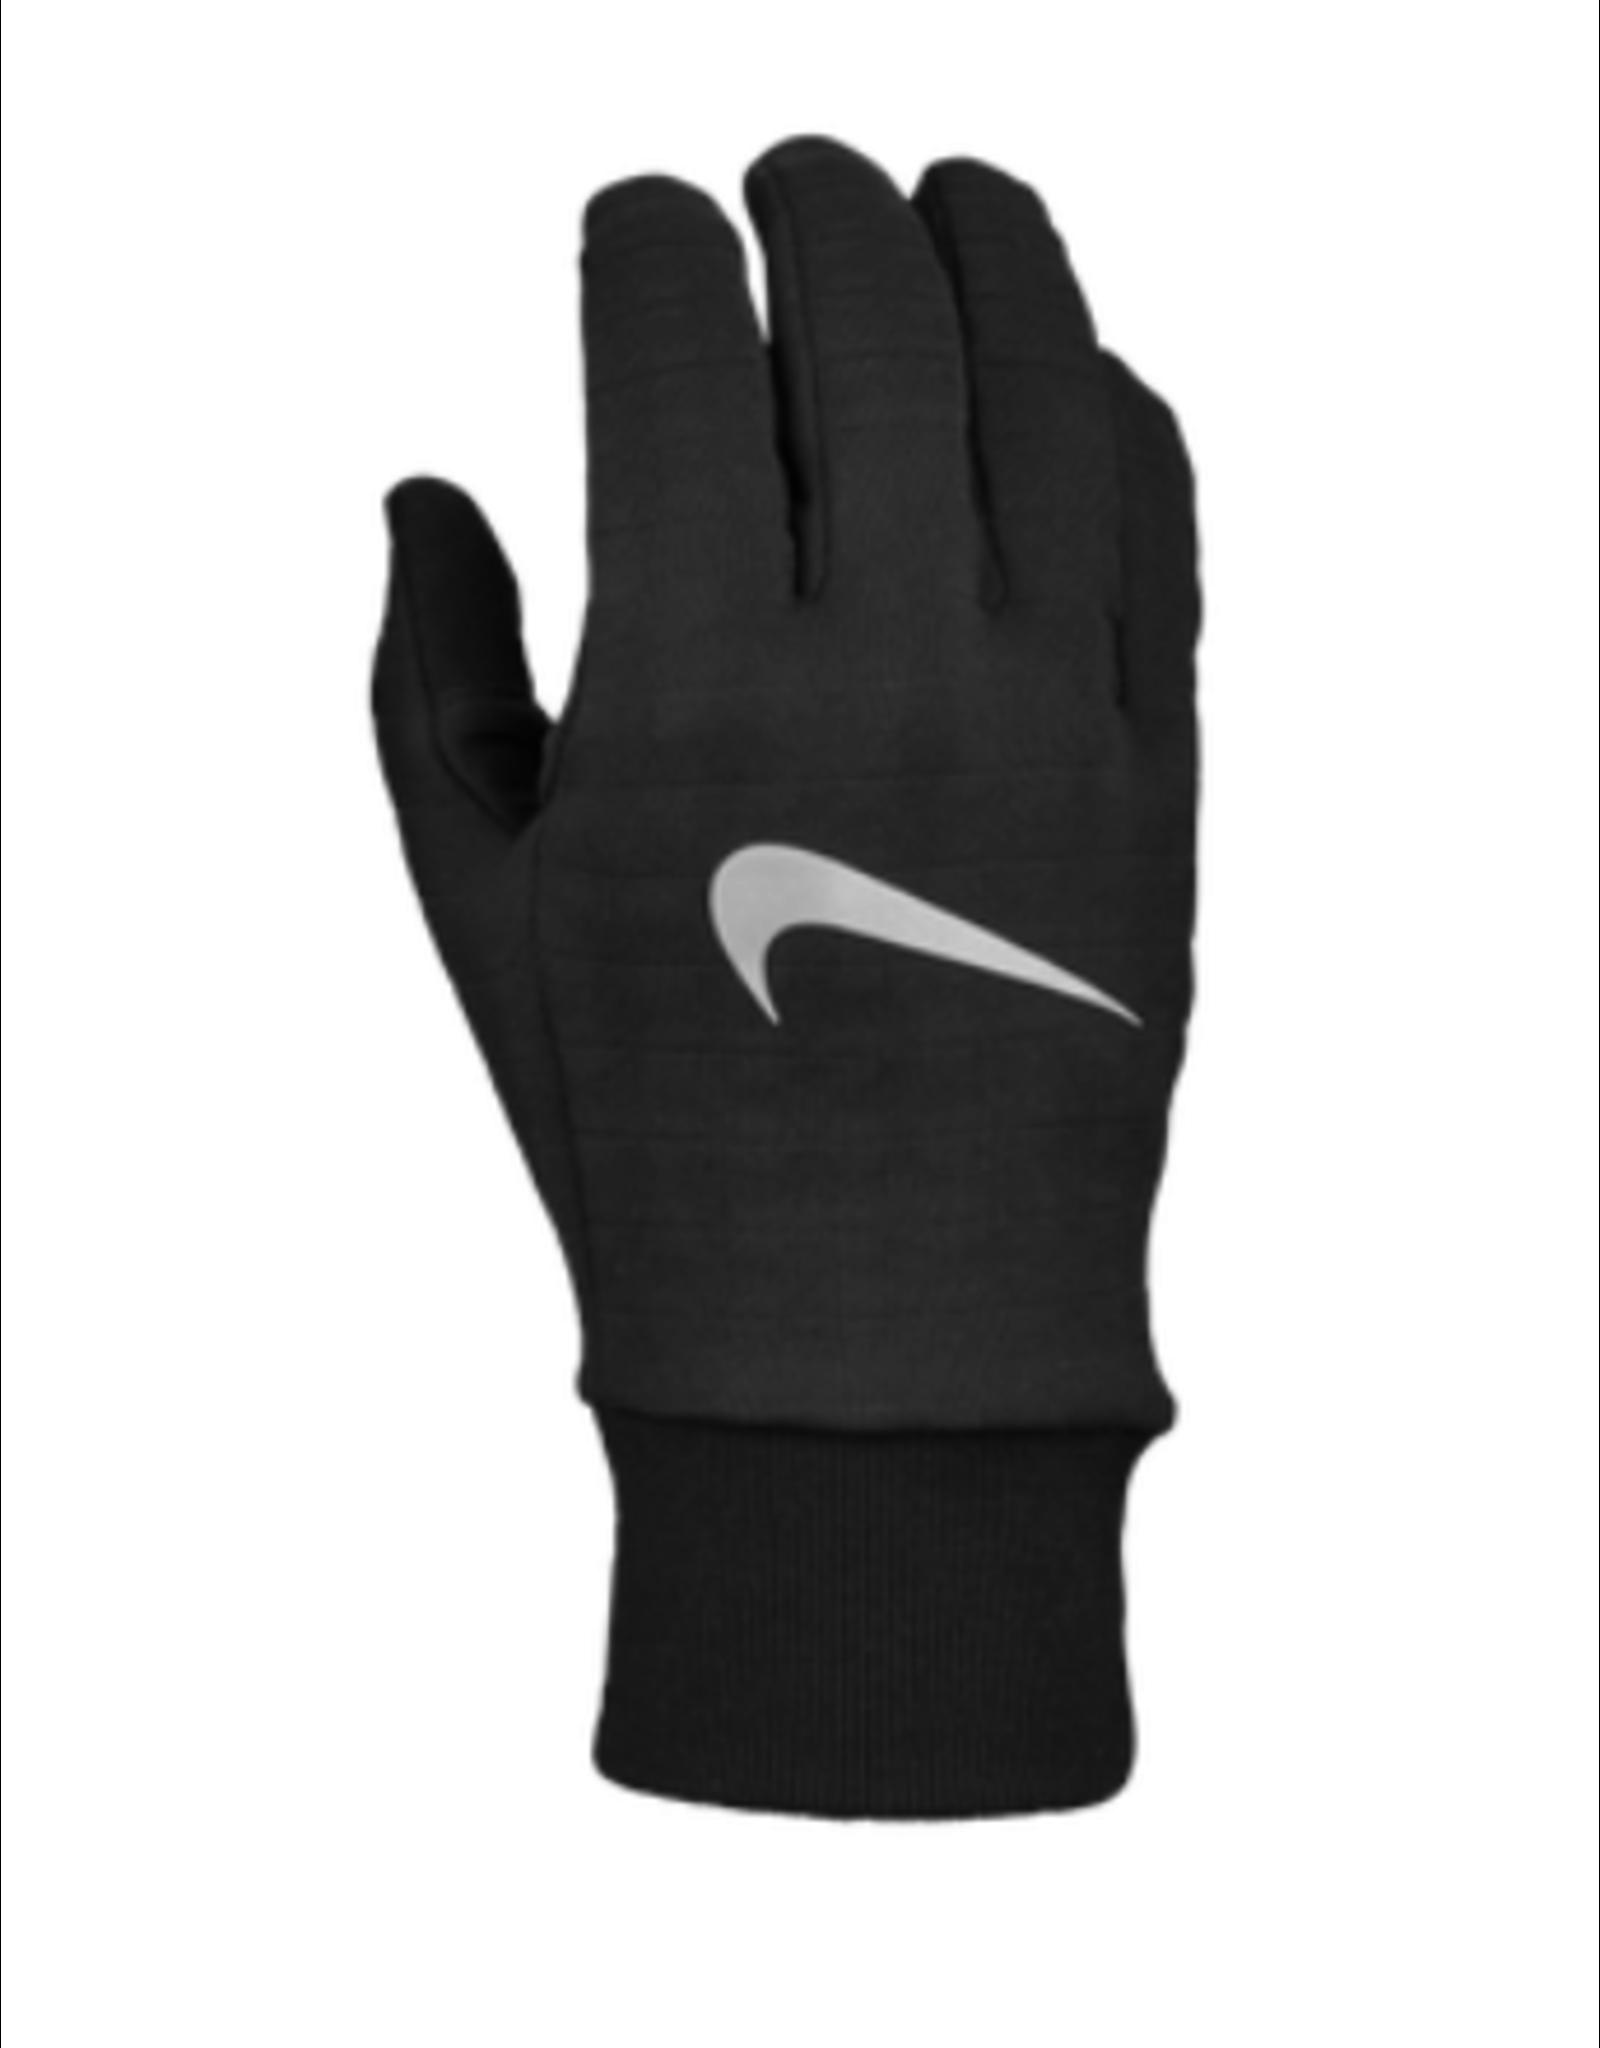 NON-UNIFORM Nike Sphere Running Gloves 3.0 - Men's